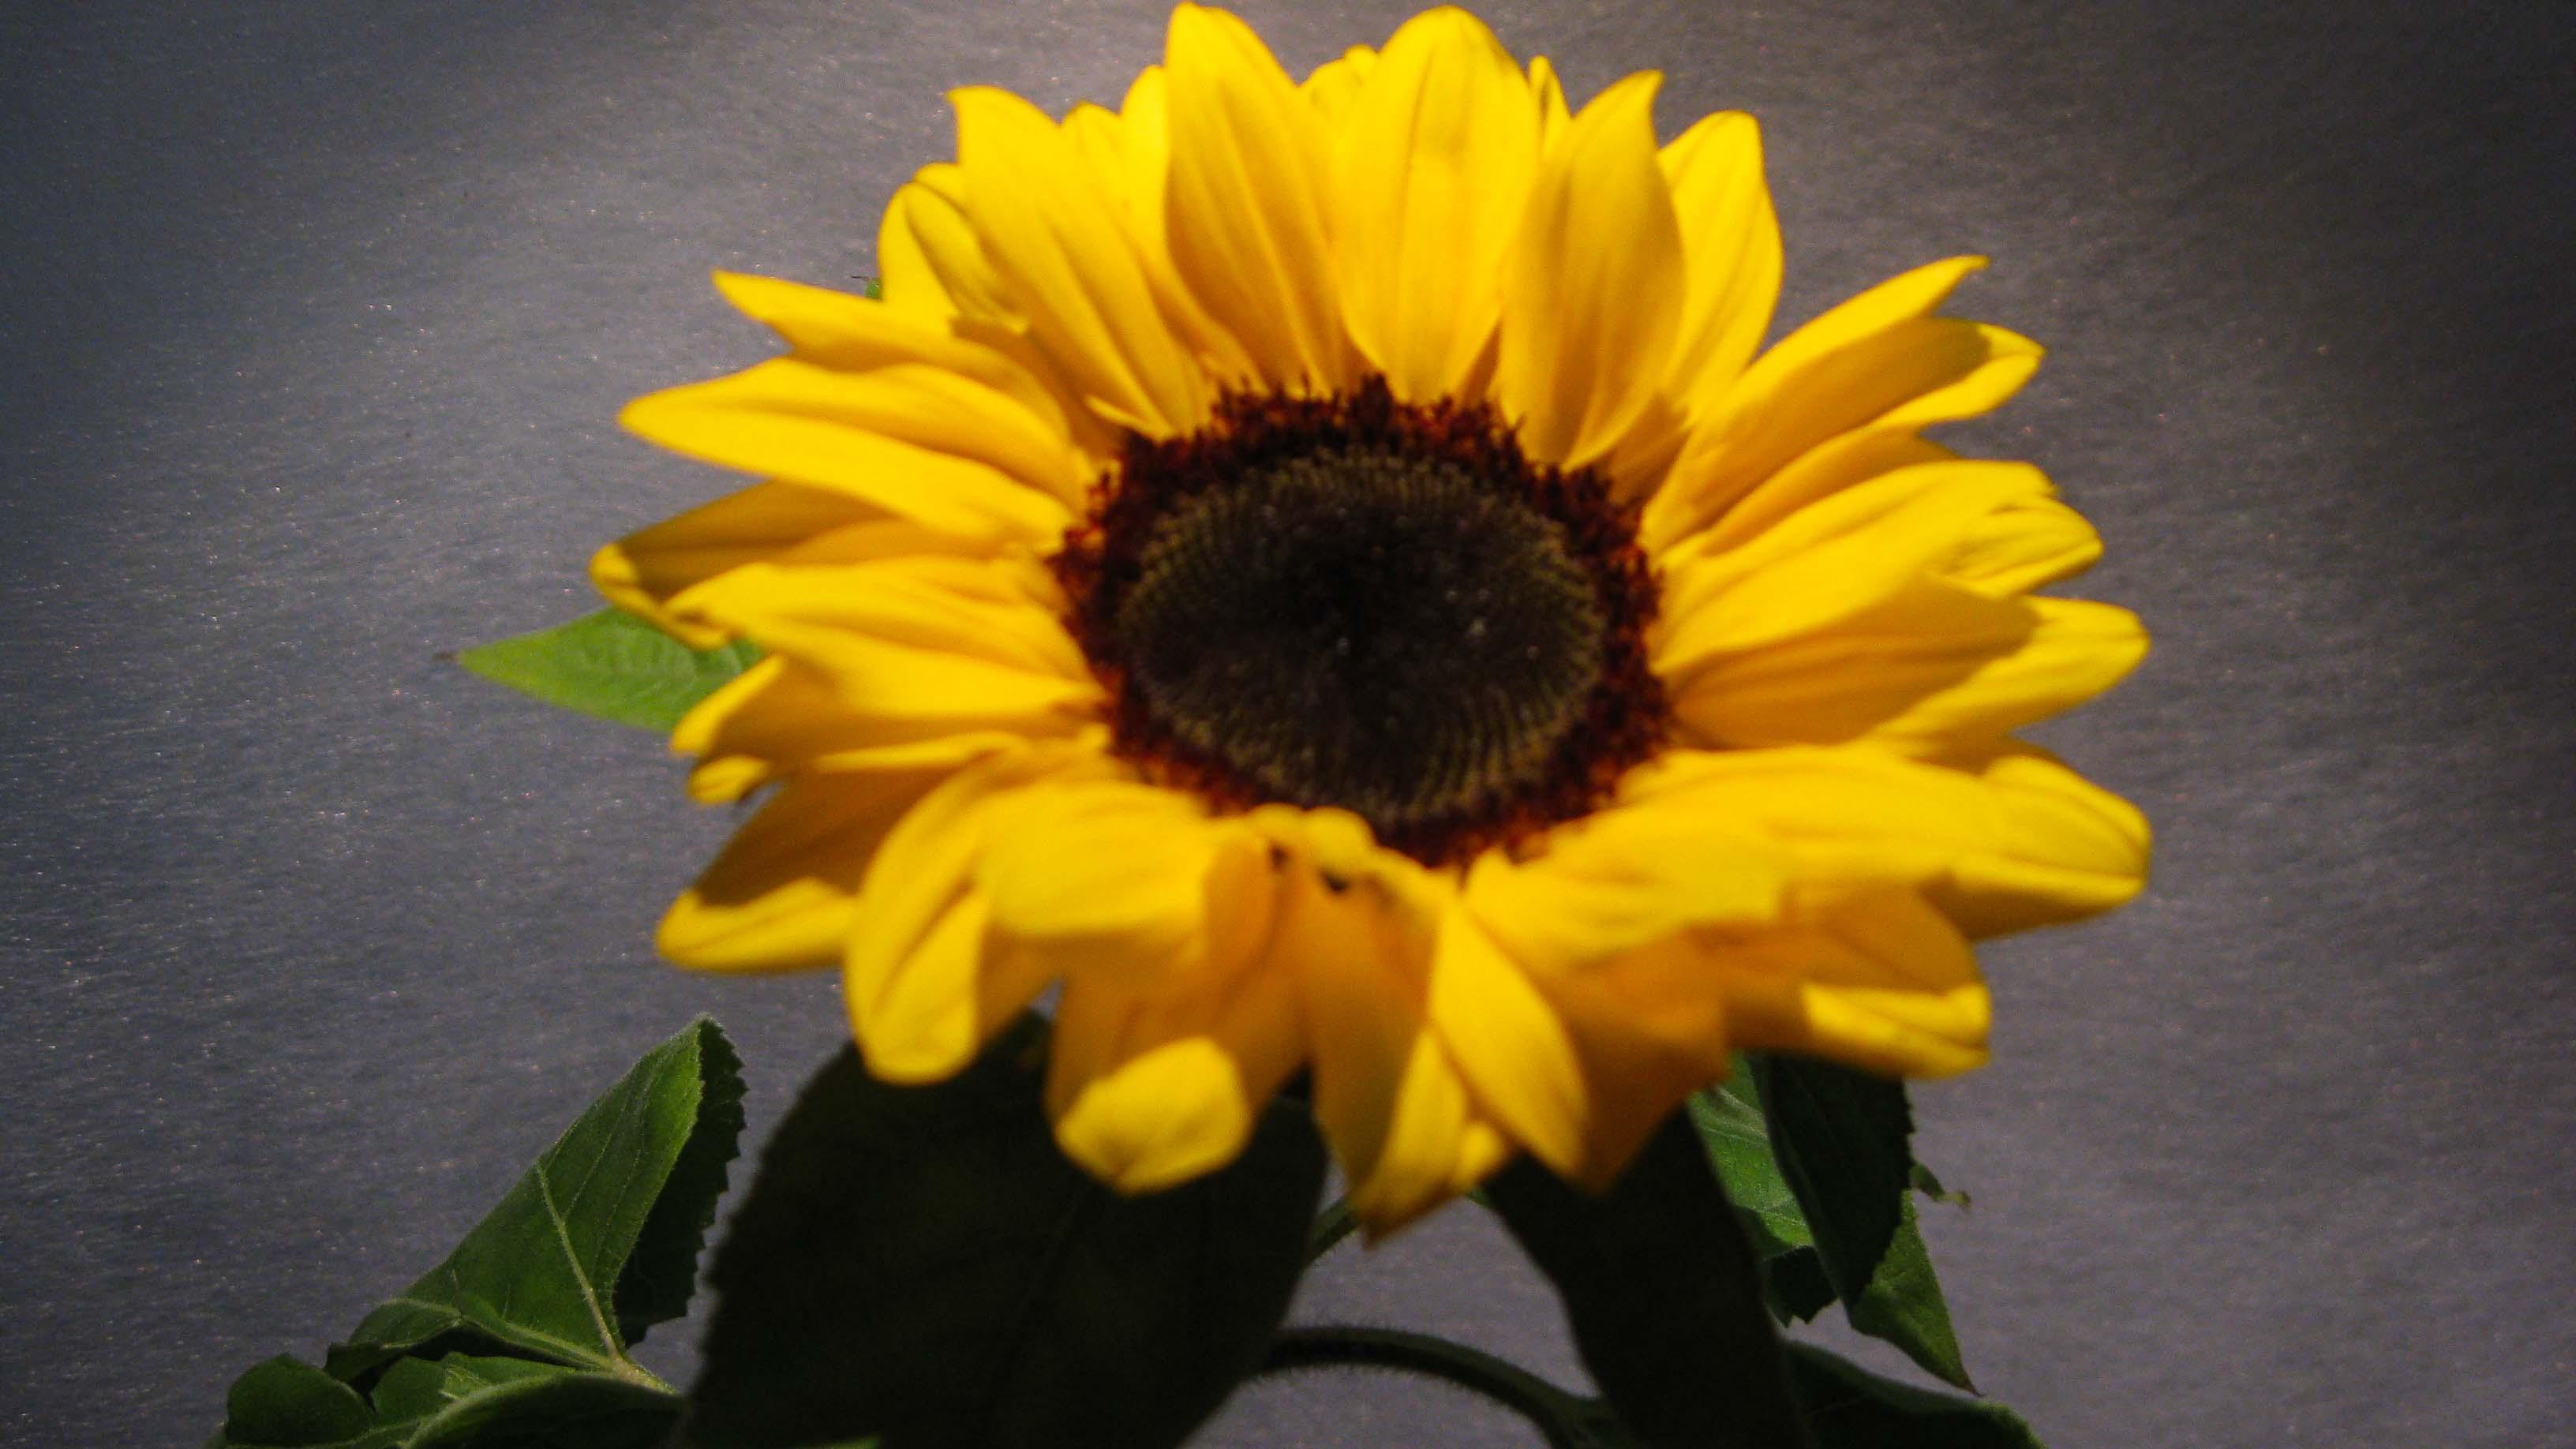 Consigli sul perchè scegliere i fiori di stagione –Trovare e comprare i fiori di stagione a Milano - piazza san babila - vicinanze duomo - milano centro